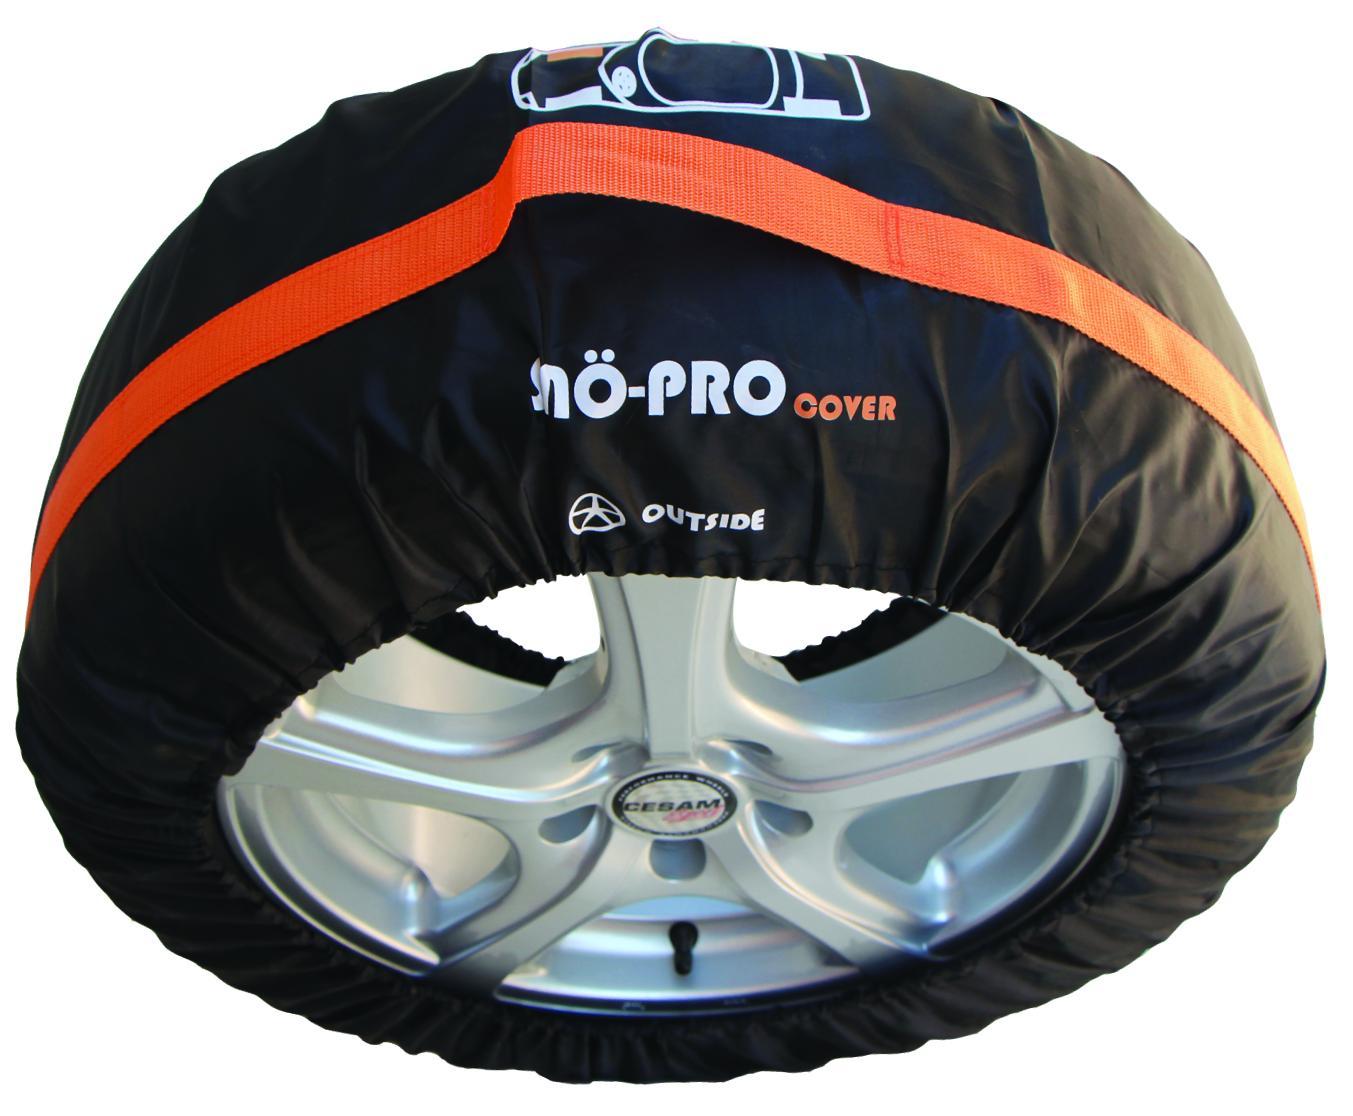 Comprare 145 SNO-PRO nero, 19Inch Copri pneumatici 145 poco costoso